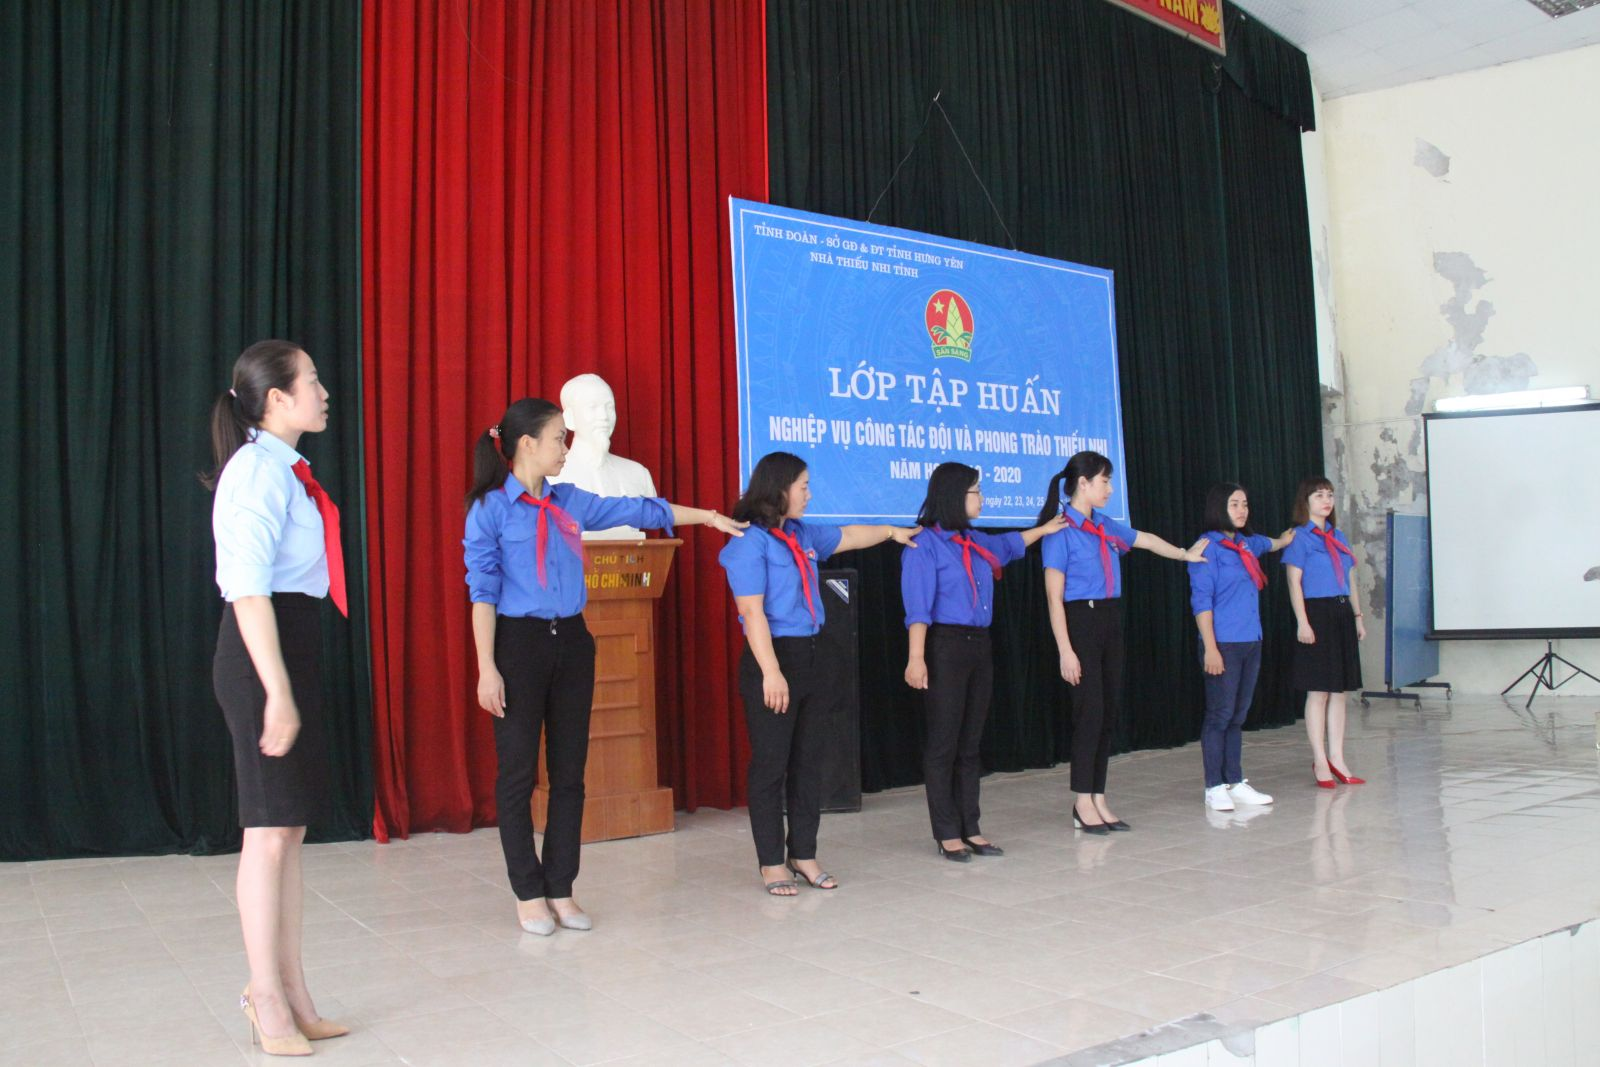 Hội đồng Đội tỉnh tổ chức Lớp tập huấn nghiệp vụ công tác Đội và phong trào thiếu nhi năm học 2019 - 2020